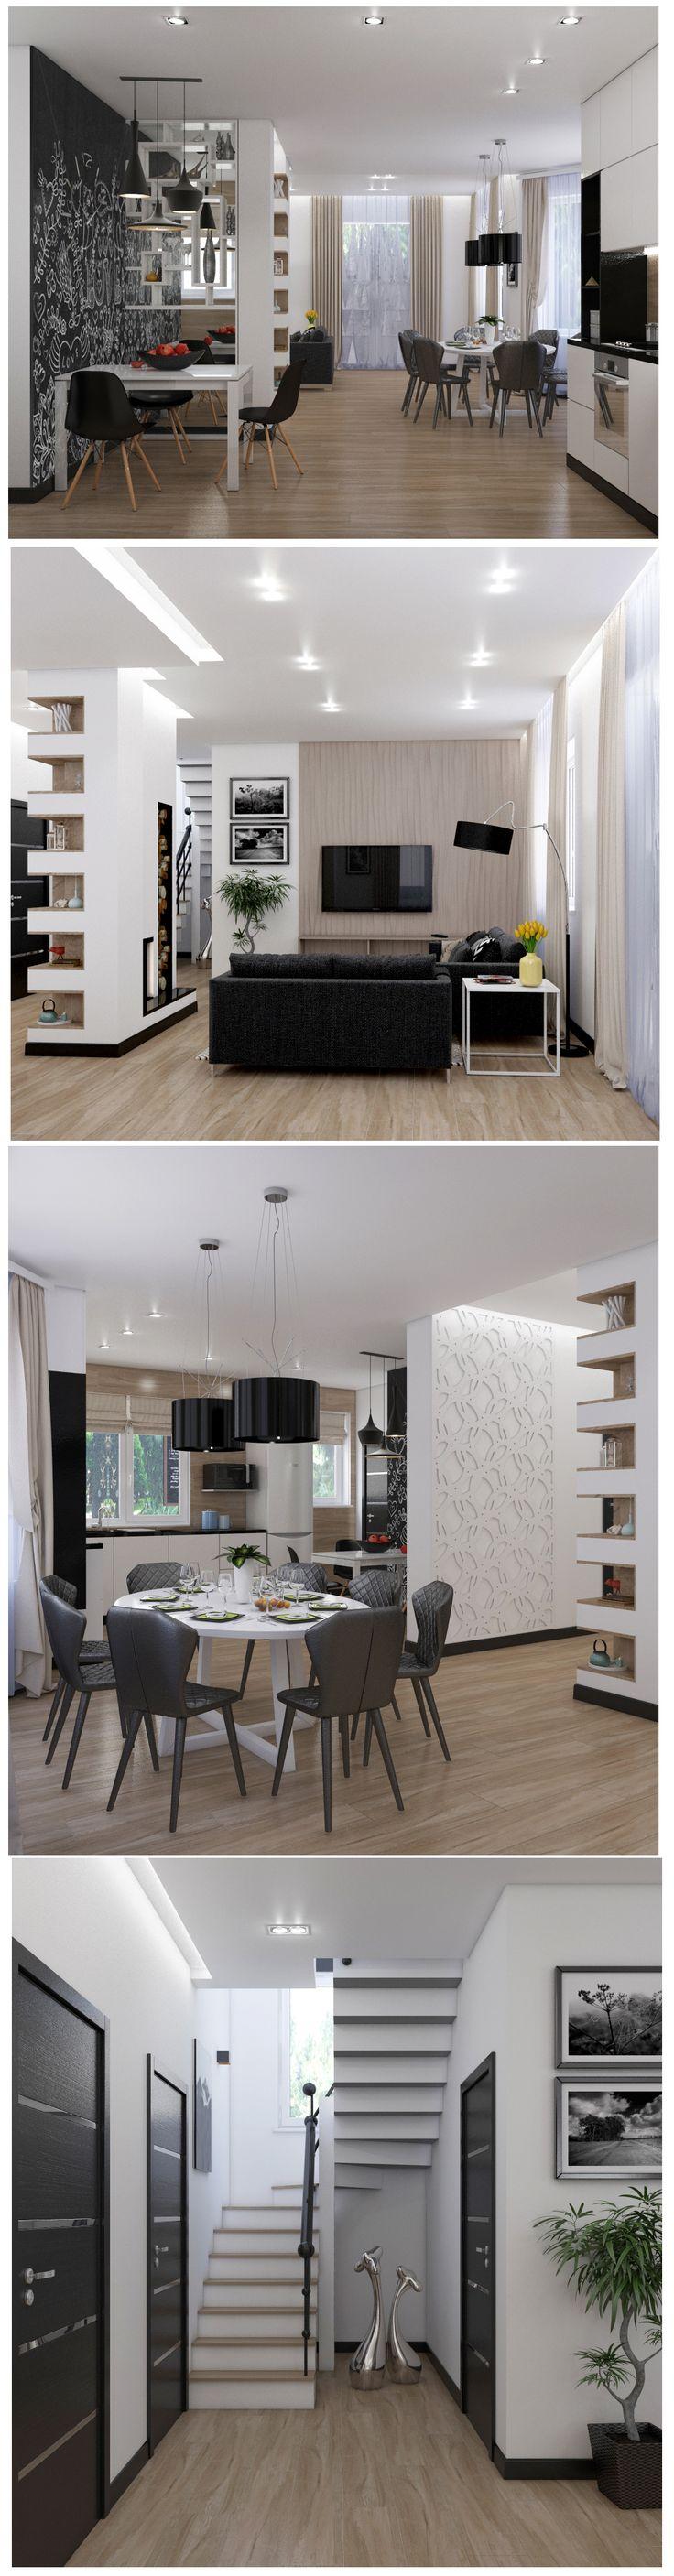 Home design, Дом в современном стиле - архитектура и дизайн интерьера, двухсторонний камин.